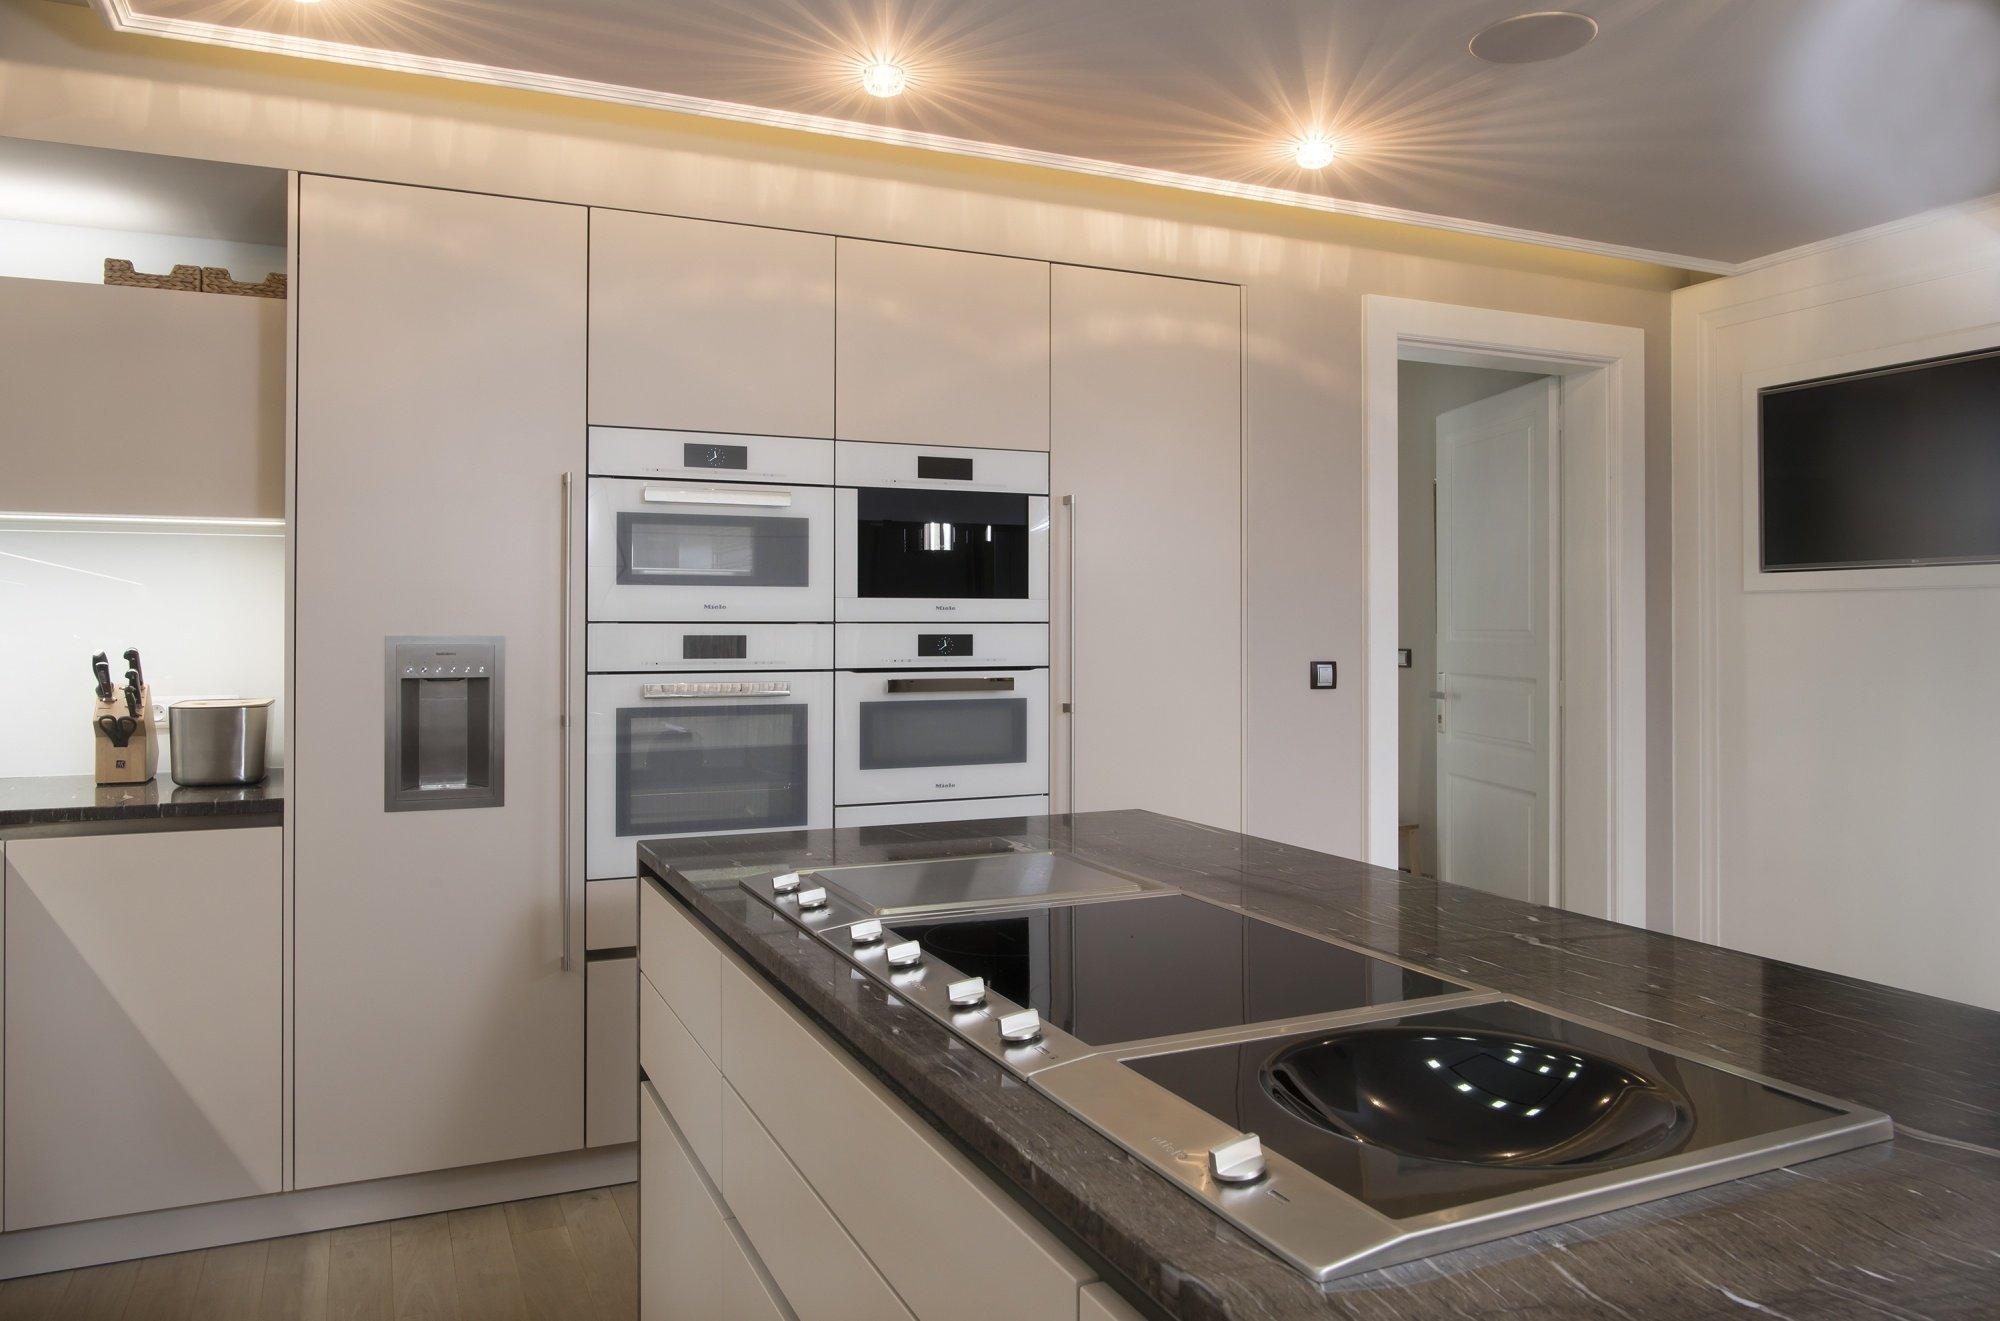 Kuchyň EGGERSMANN - provedení je matný strukturovaný lak Anconna 537 Toffe, bezúcyhtkový systém nerez, doplňky Dornbracht. Pracovní deska je žula Brown silk…